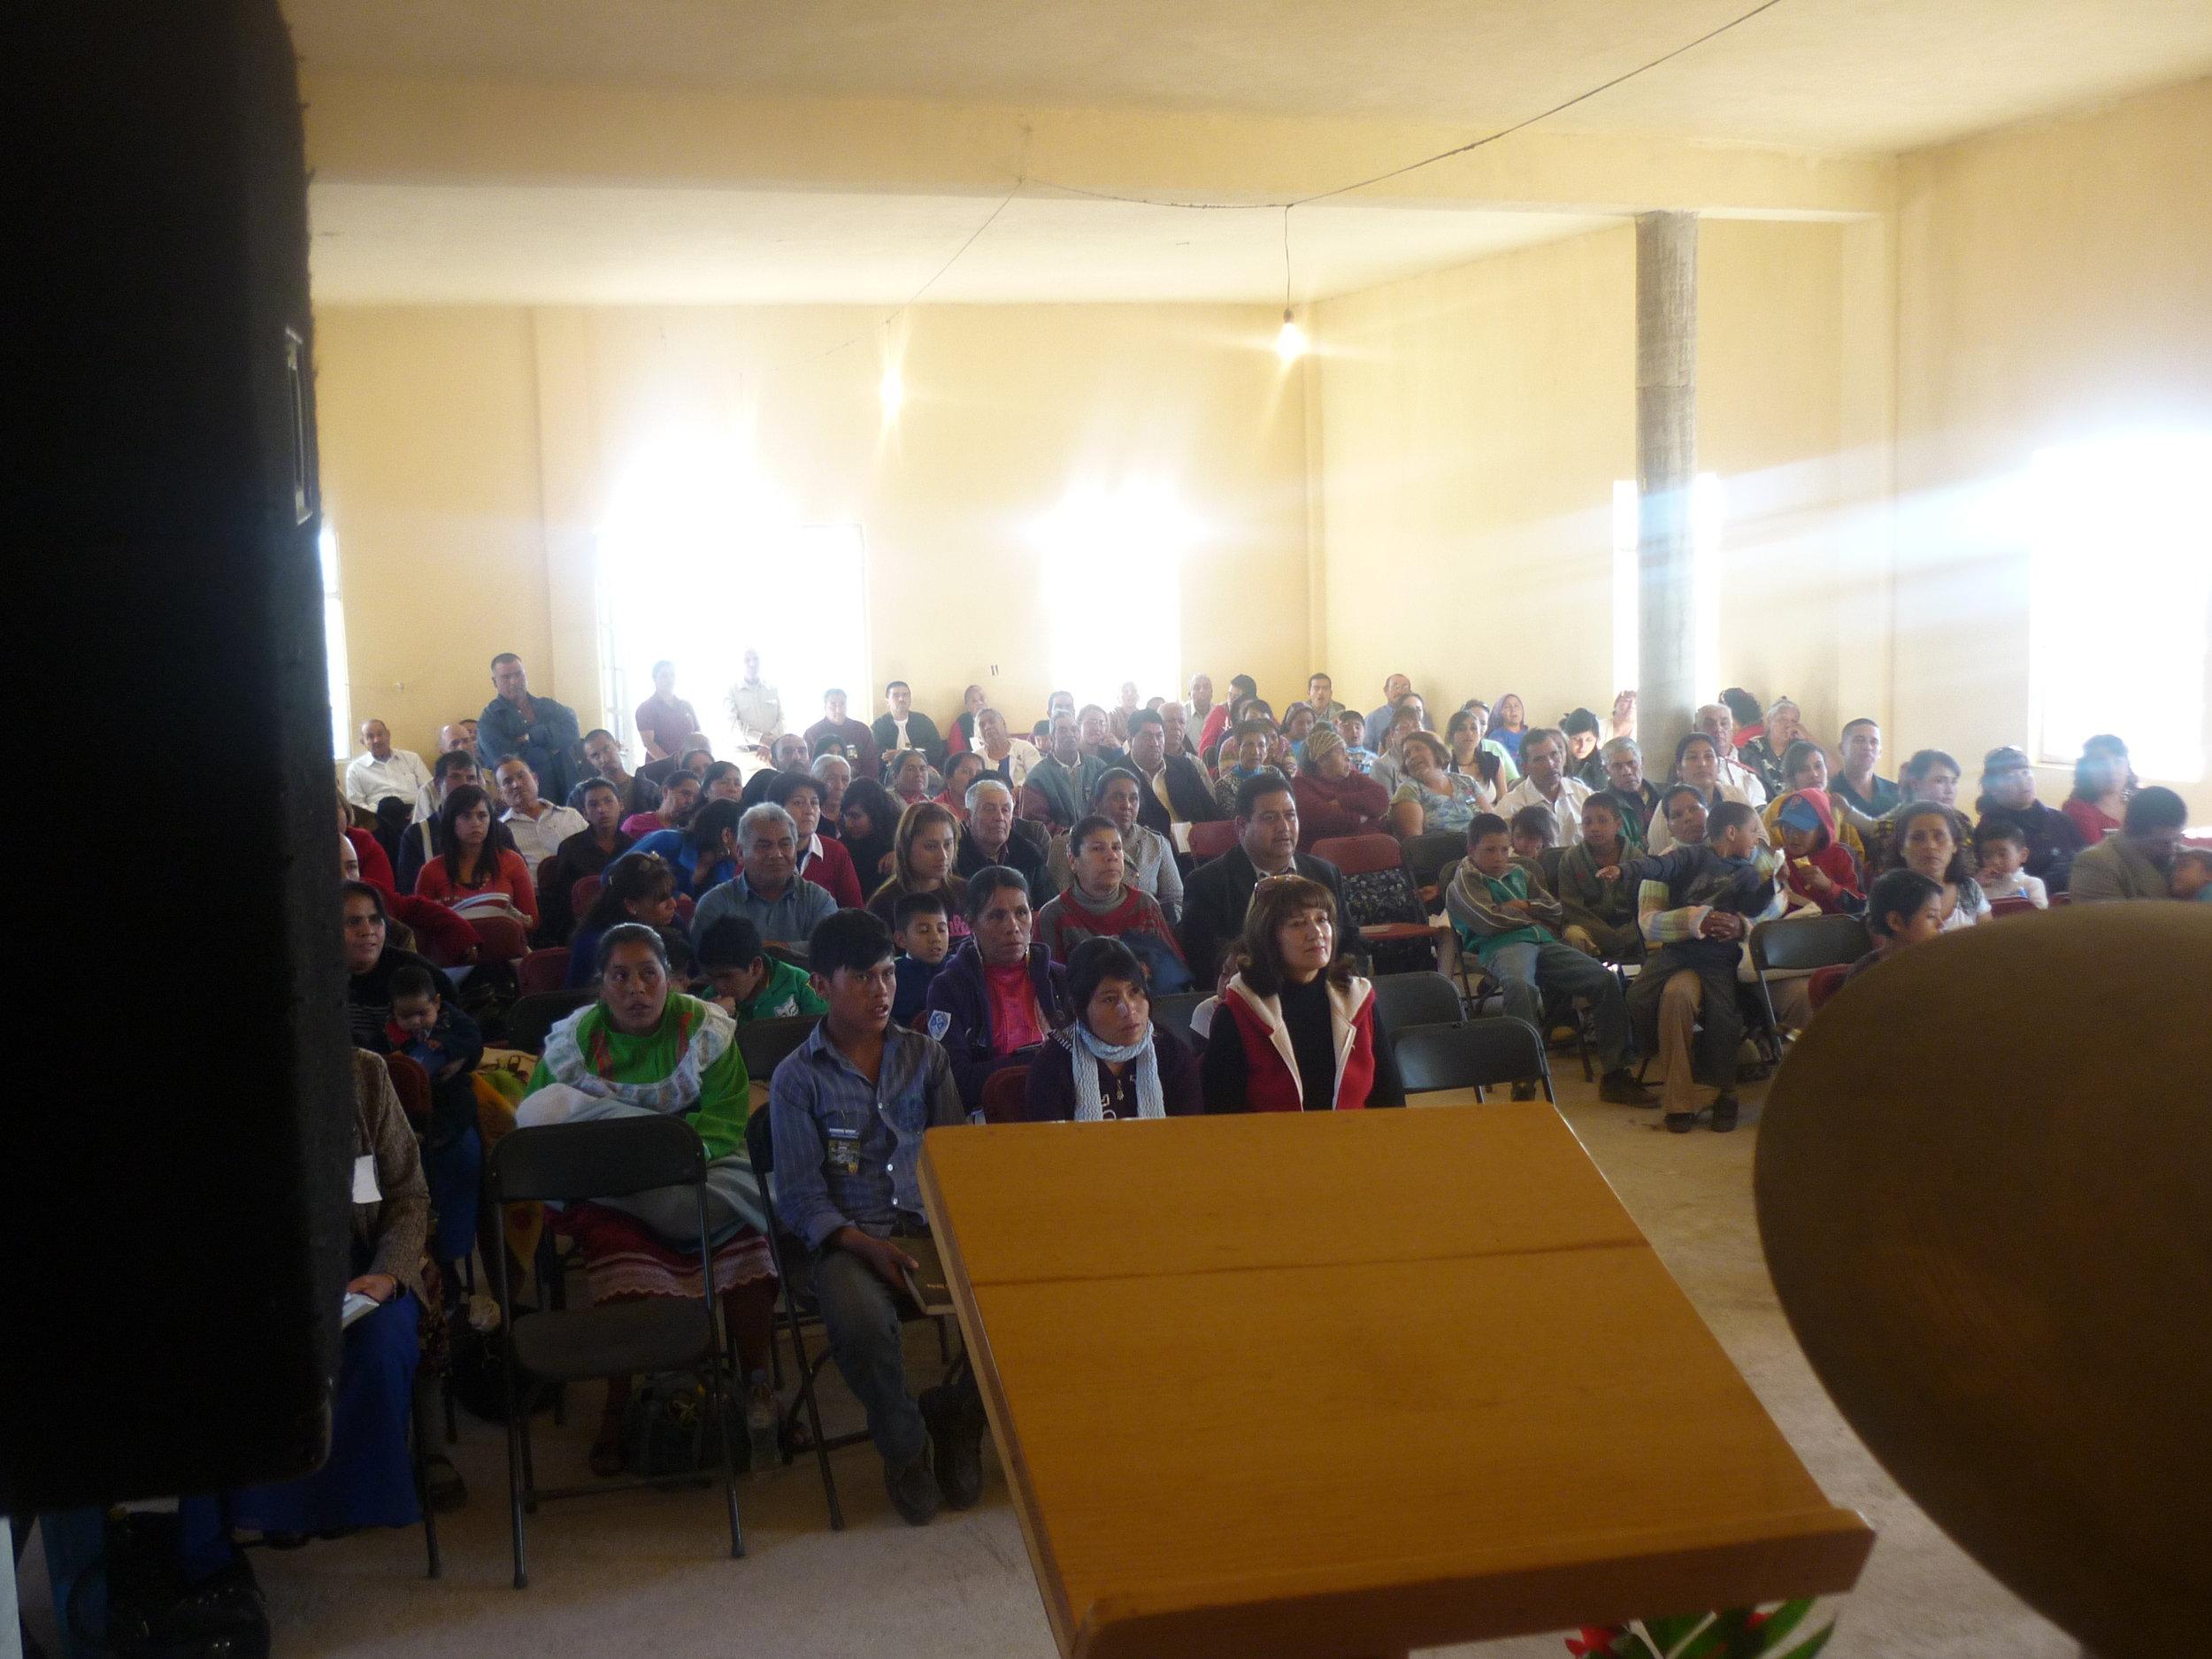 La Congregación - La iglesia reunida en un evento especial de la iglesia.